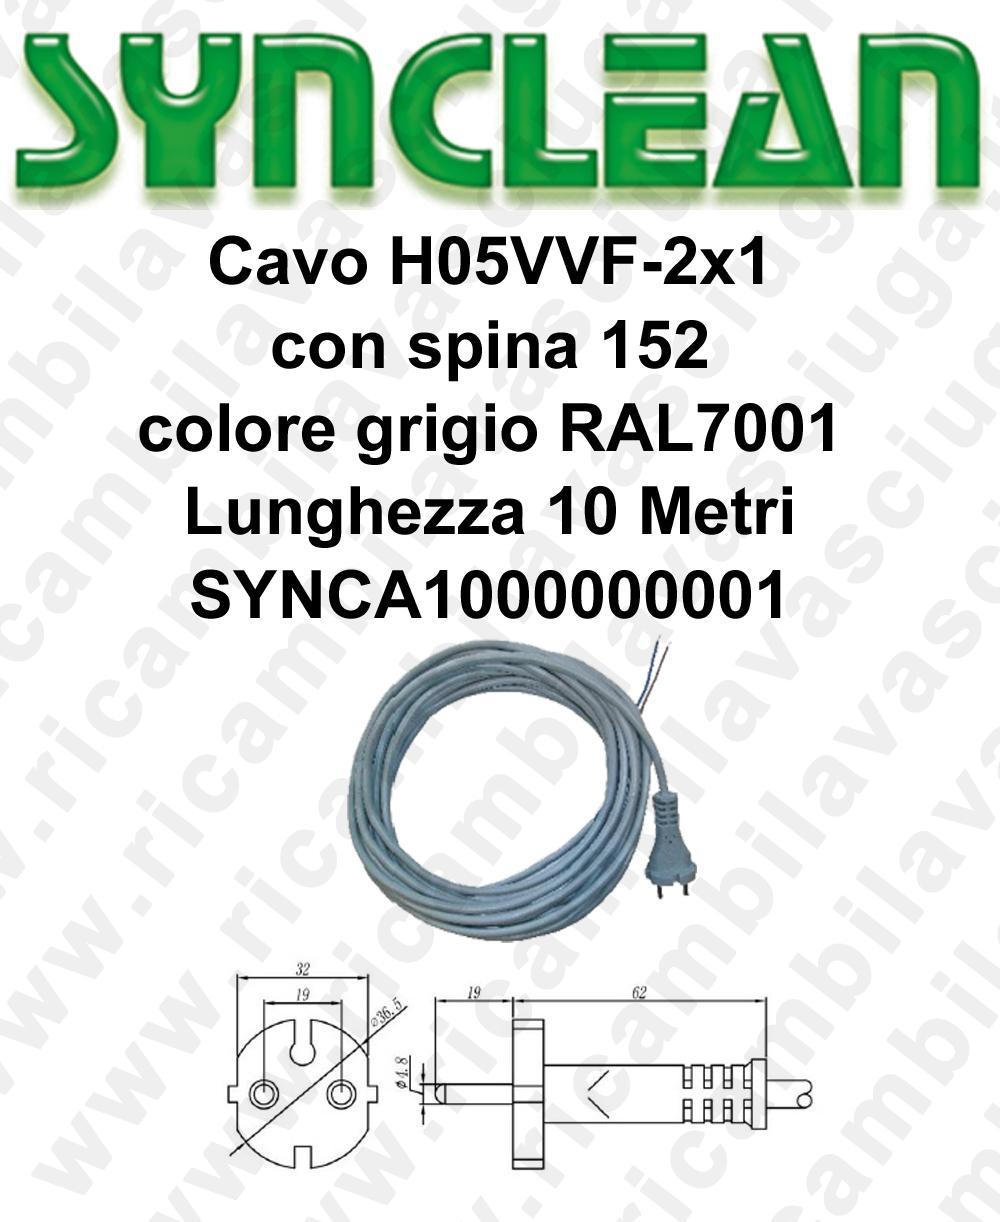 SYNCA1000000001 Kabel H05VVF 2 x 1 mit Stecker 152 grau Lange 10 Meter für Staubsauger